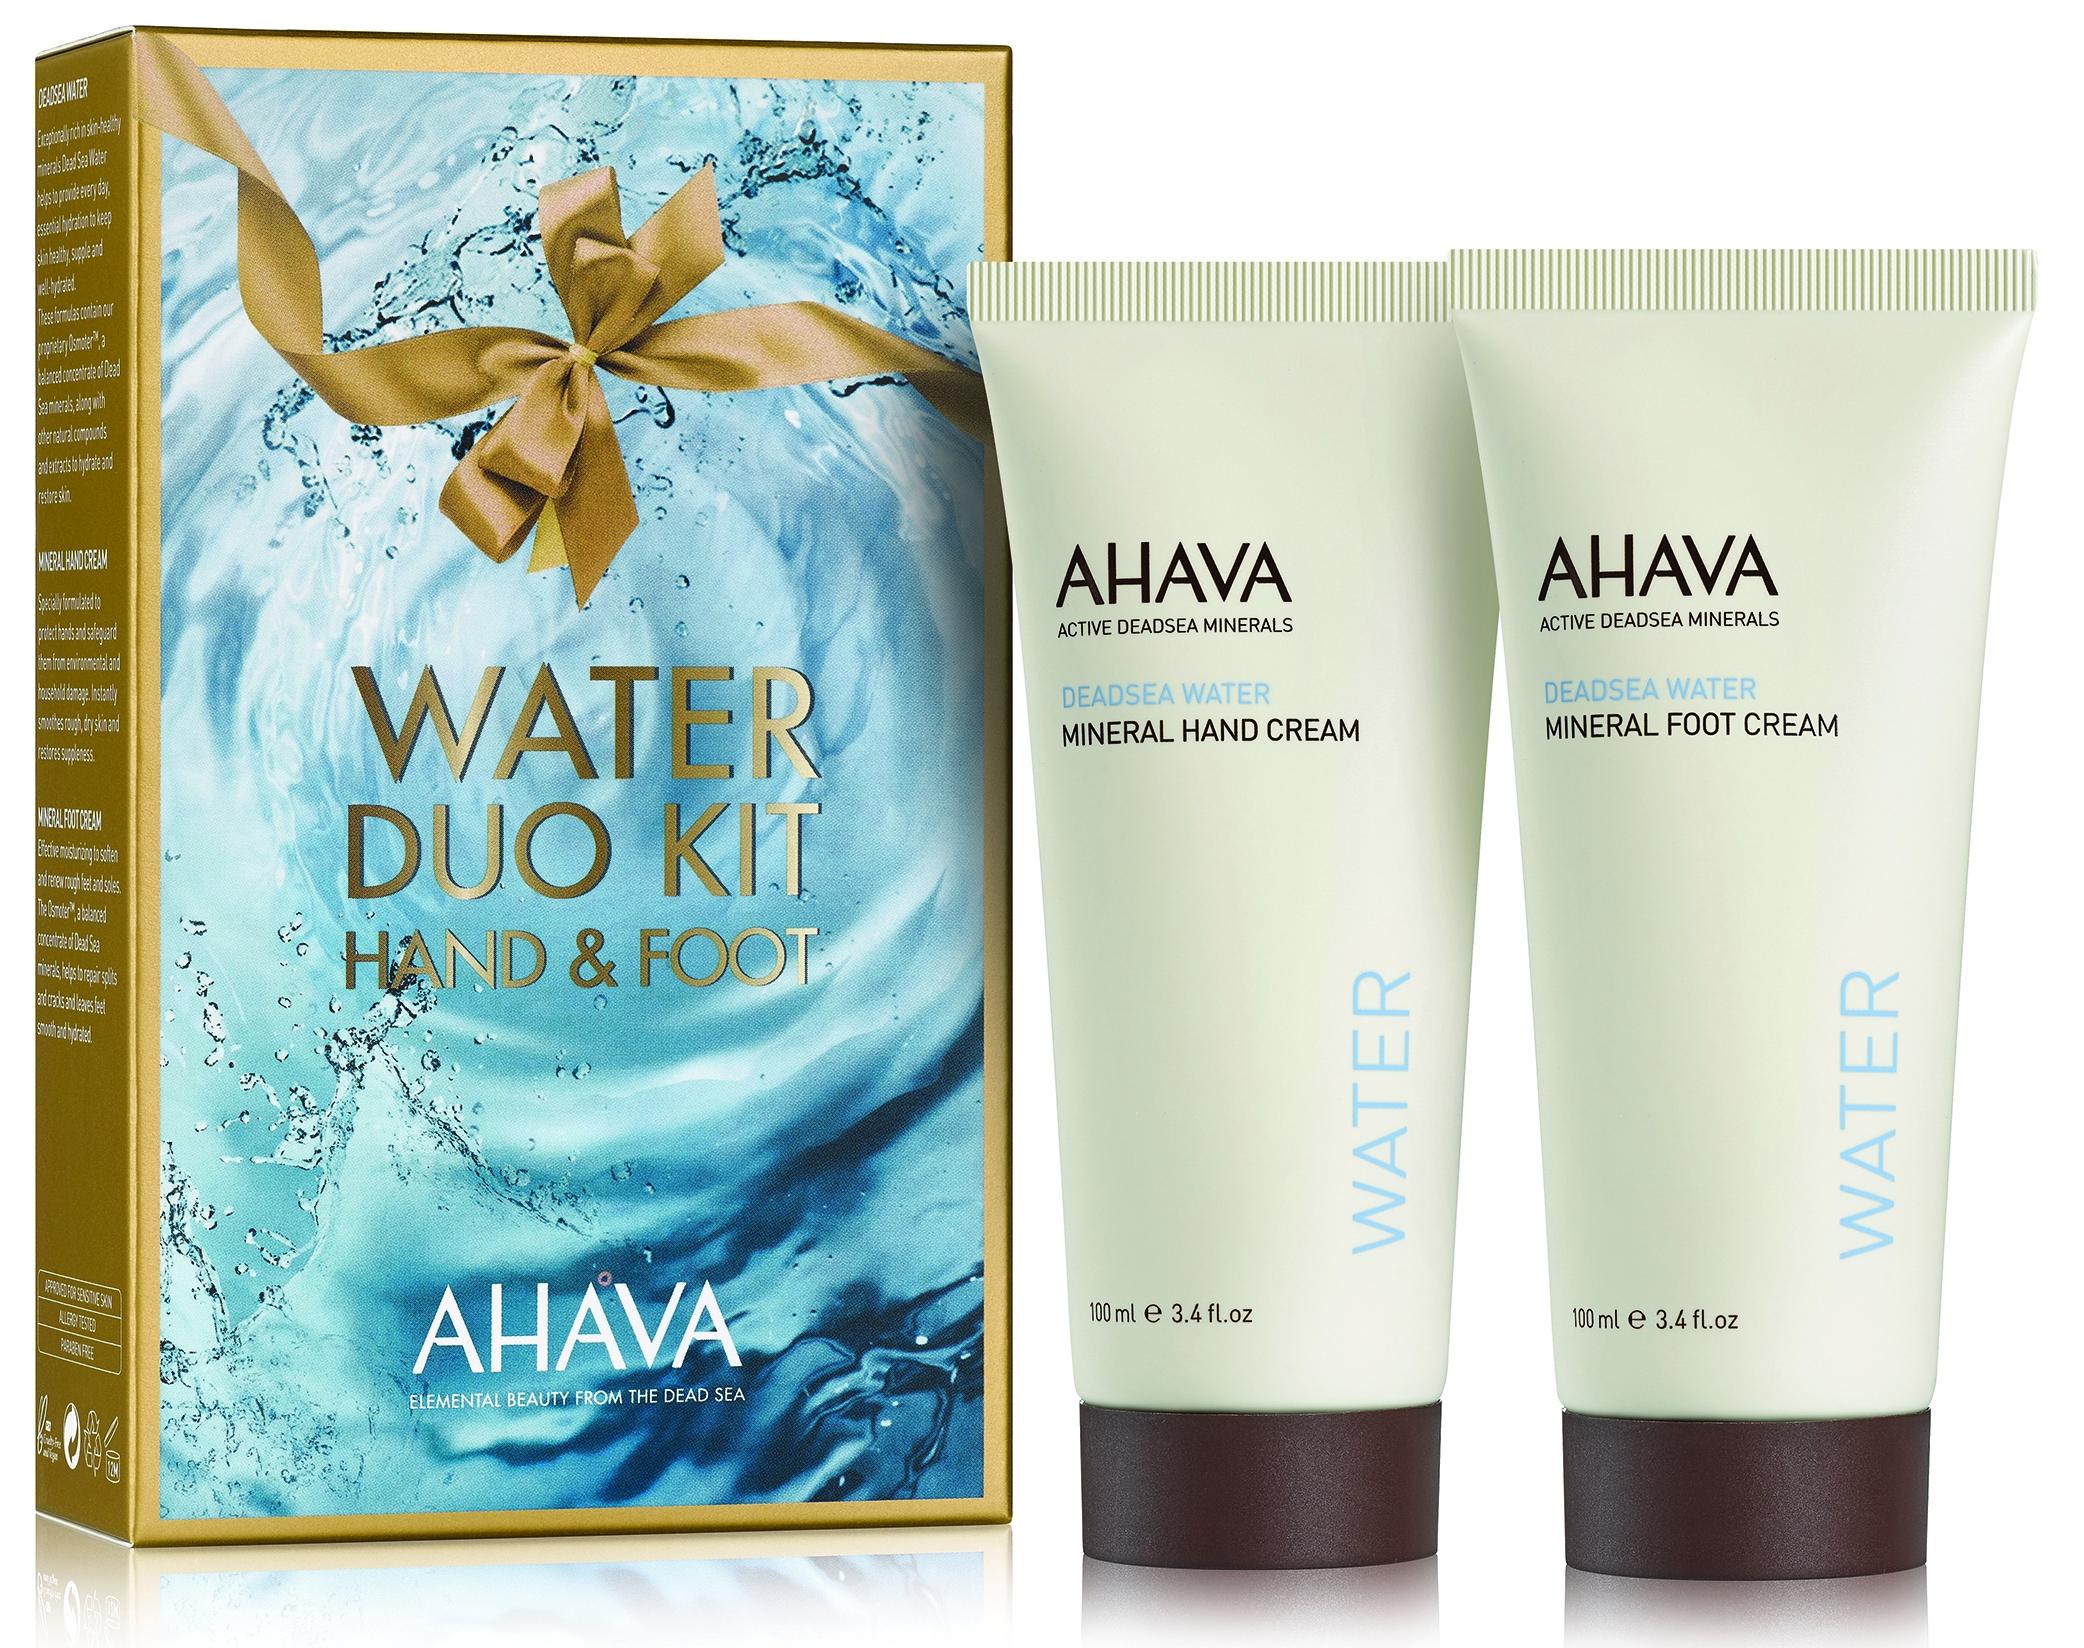 AHAVA Набор для тела (крем минеральный для рук 100 мл, крем минеральный для ног 100 мл) / Deadsea Water ahava набор для мужчин открытие